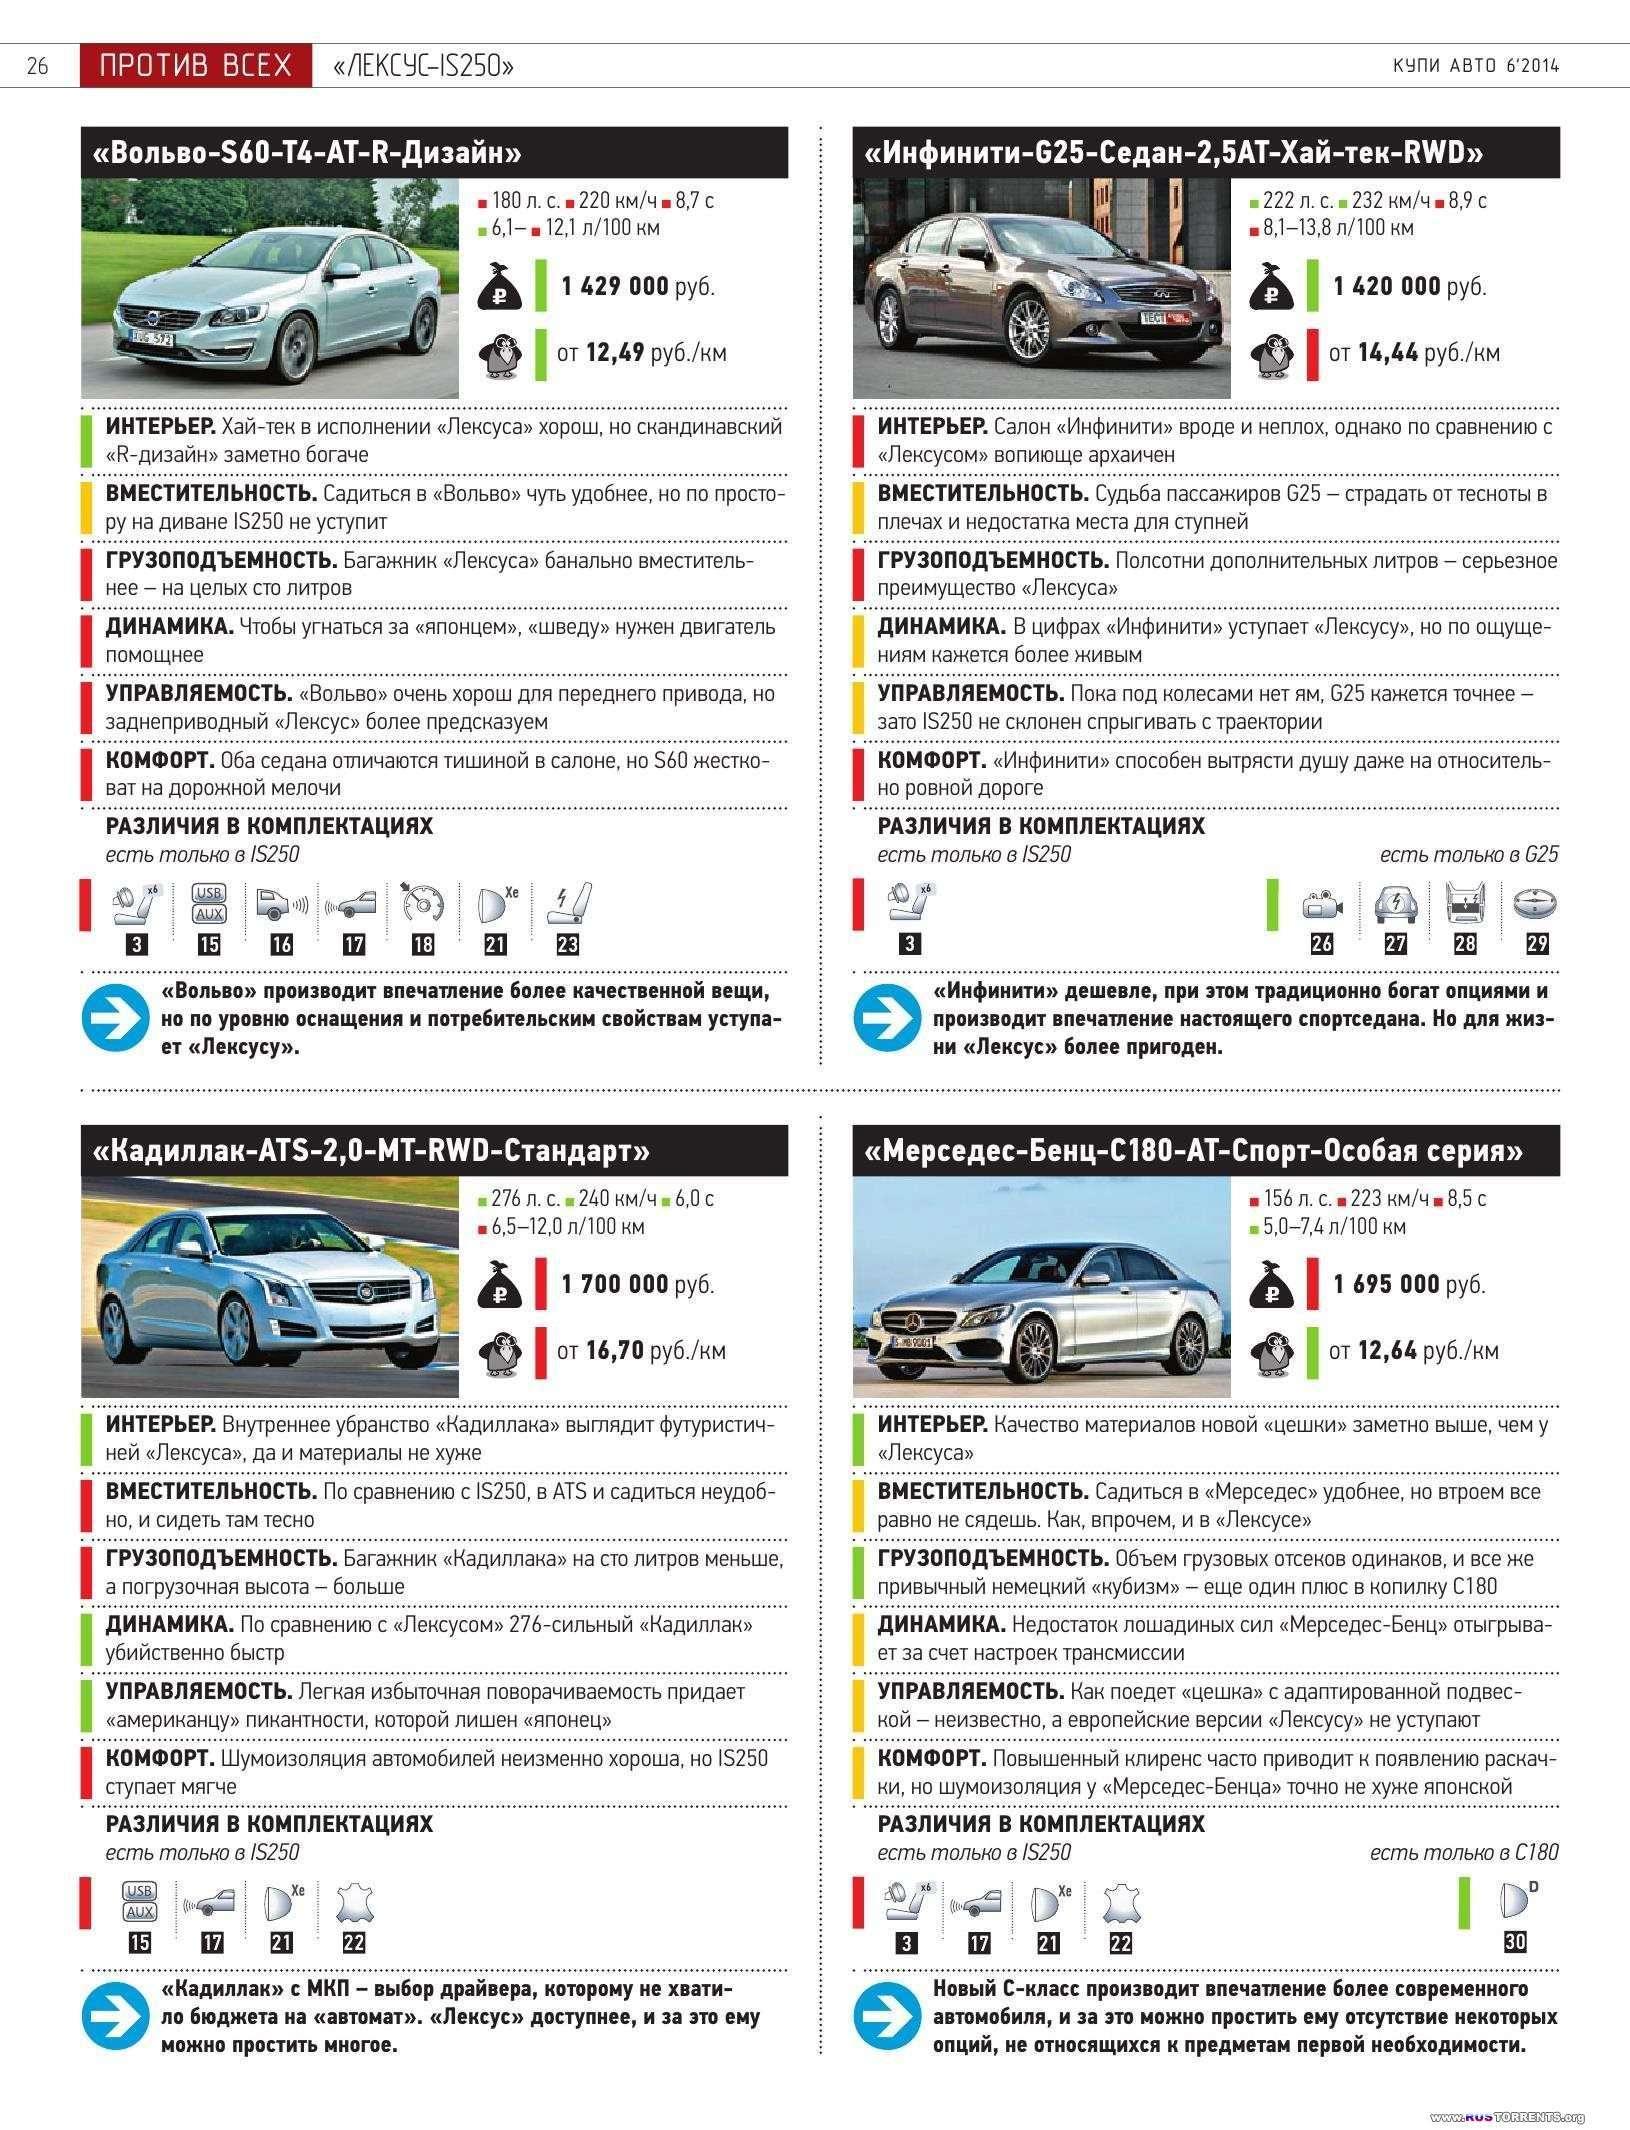 Купи Авто [2009-2014] | PDF